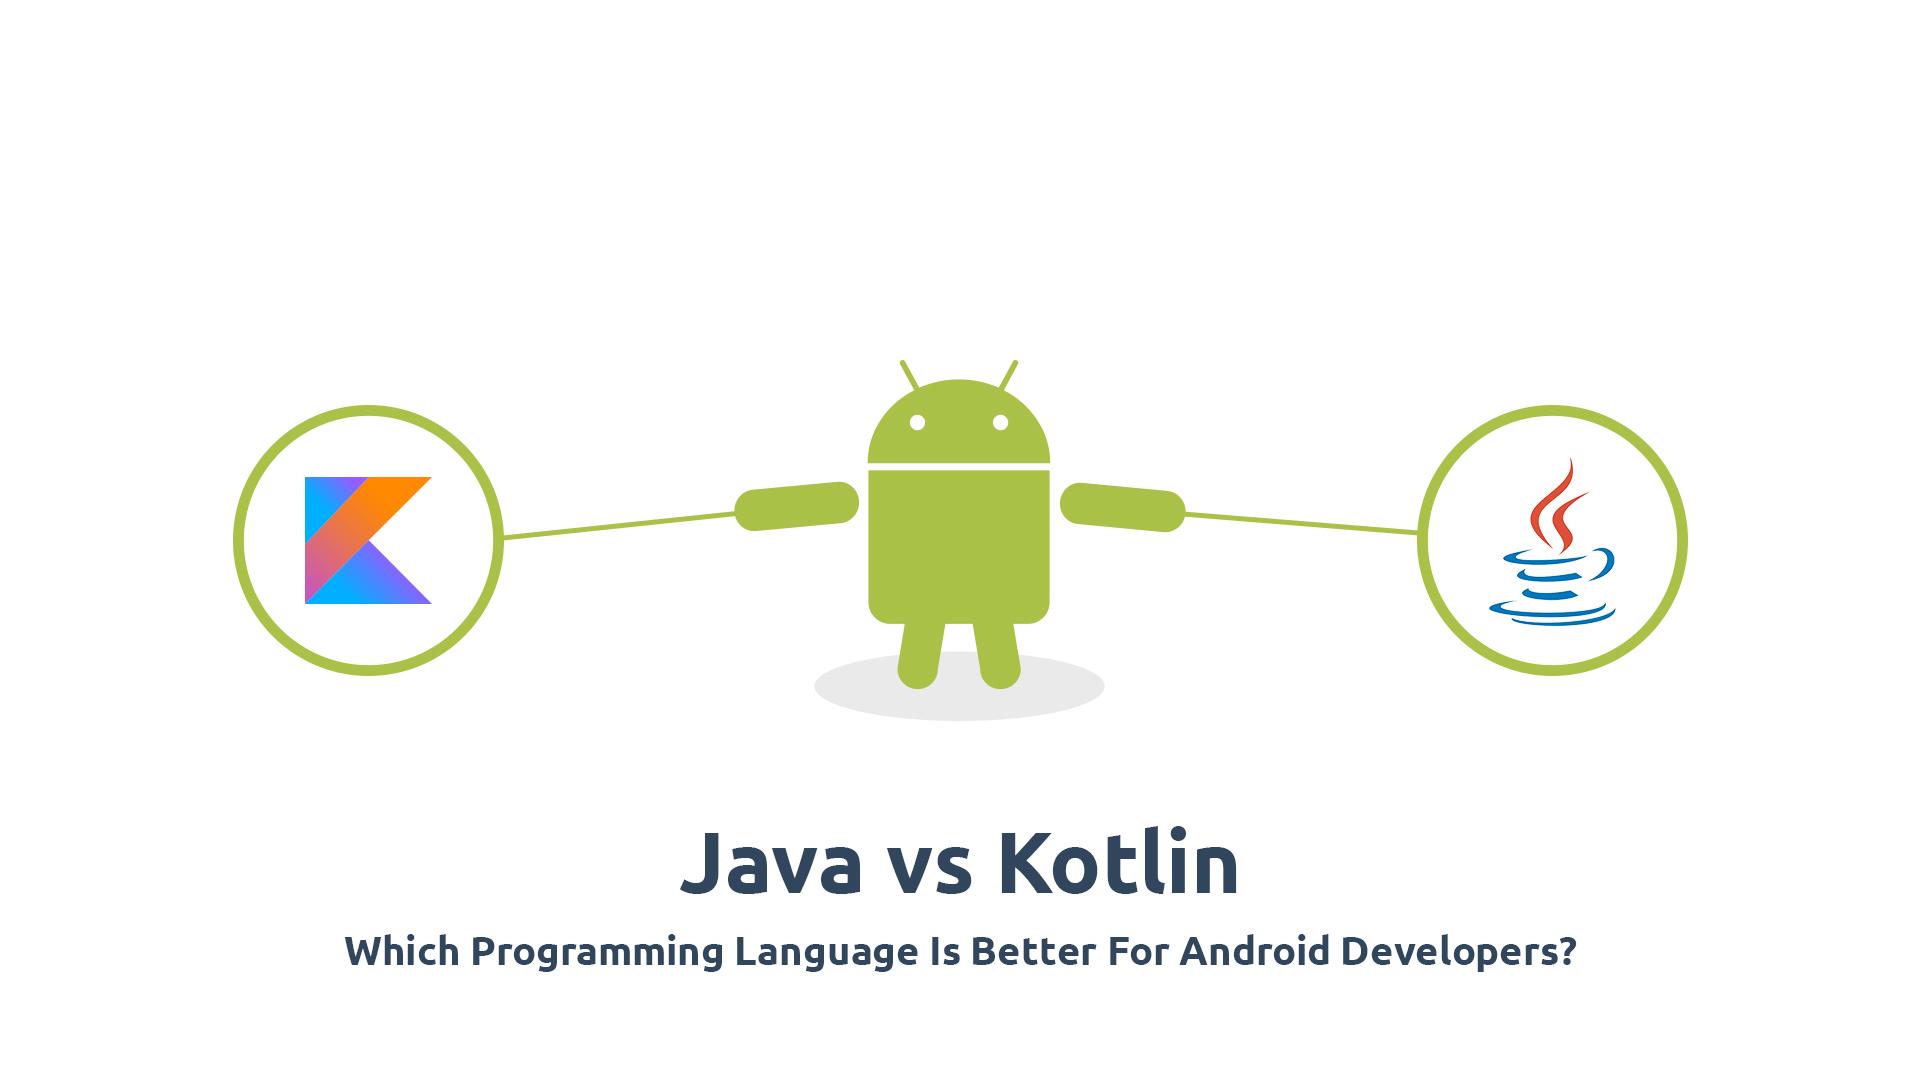 جاوا یا کاتلین : کدام گزینه برای توسعه اندروید مناسب تر است ؟!